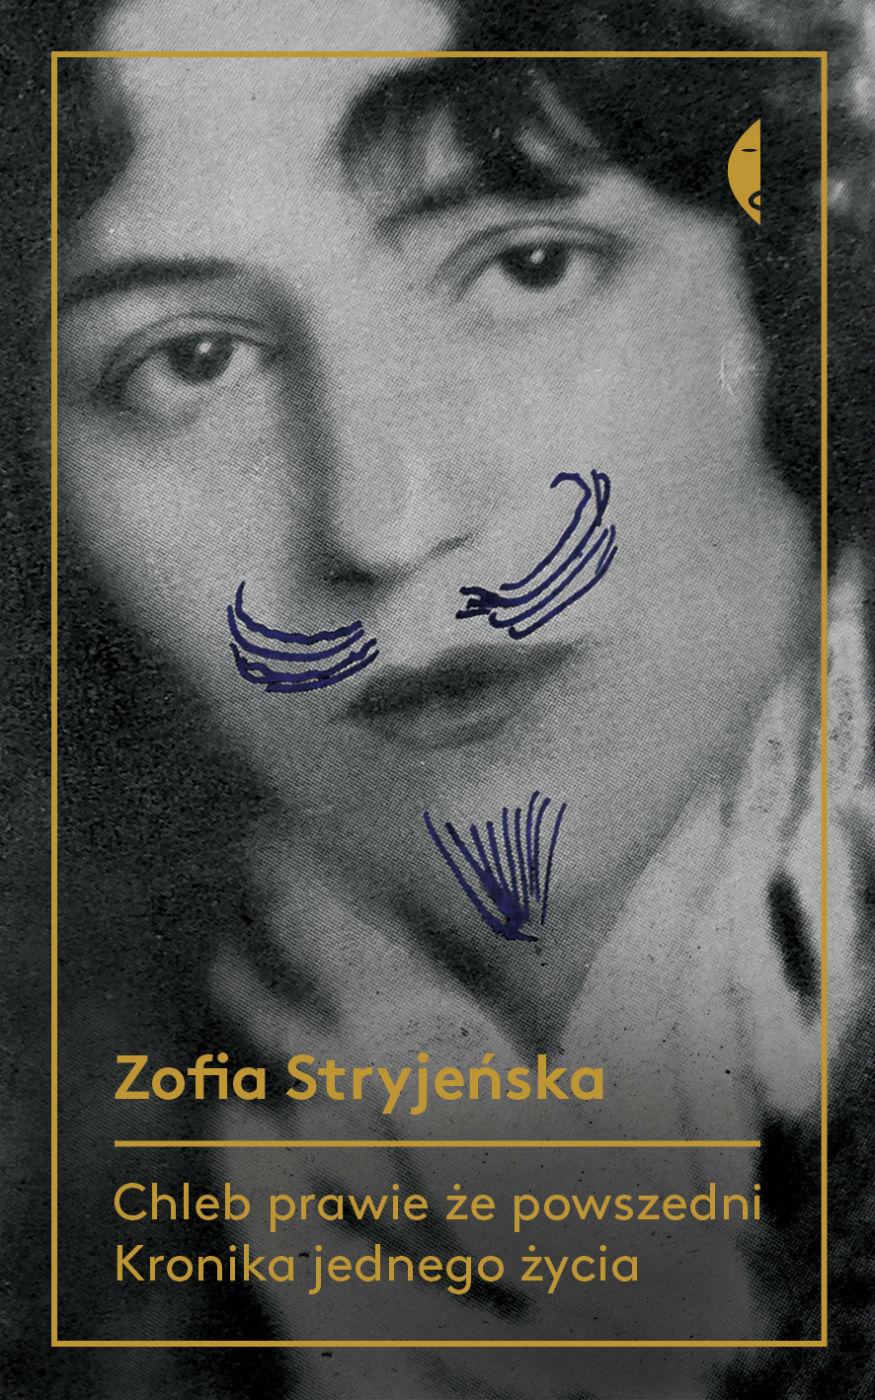 Zofia Stryjeńska, Chleb prawie żepowszedni. Kronika jednego życia, Wydawnictwo Czarne